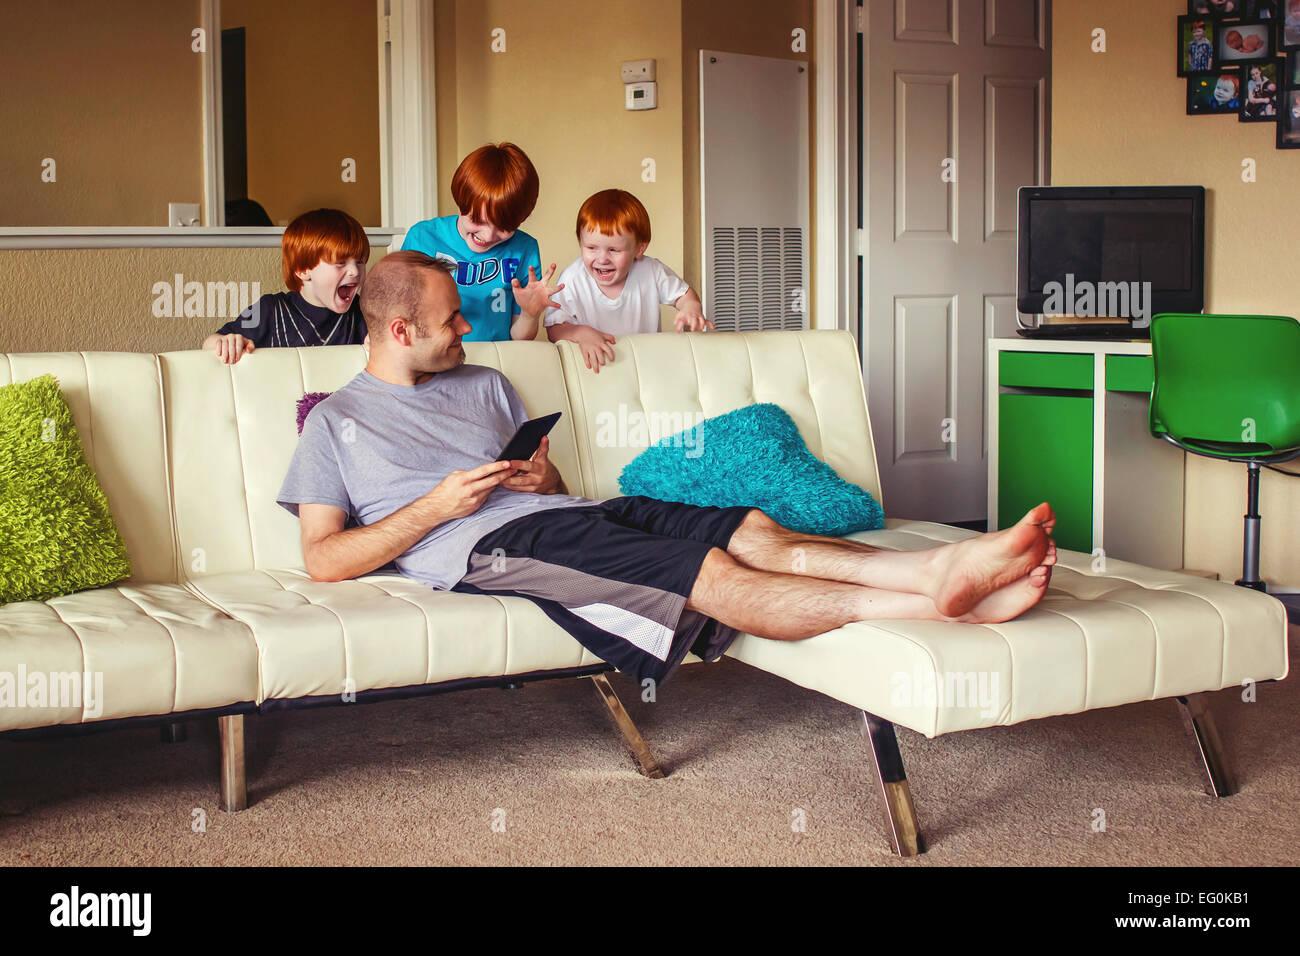 Tre ragazzi salta fuori da dietro un lettino a sorpresa il loro padre Immagini Stock